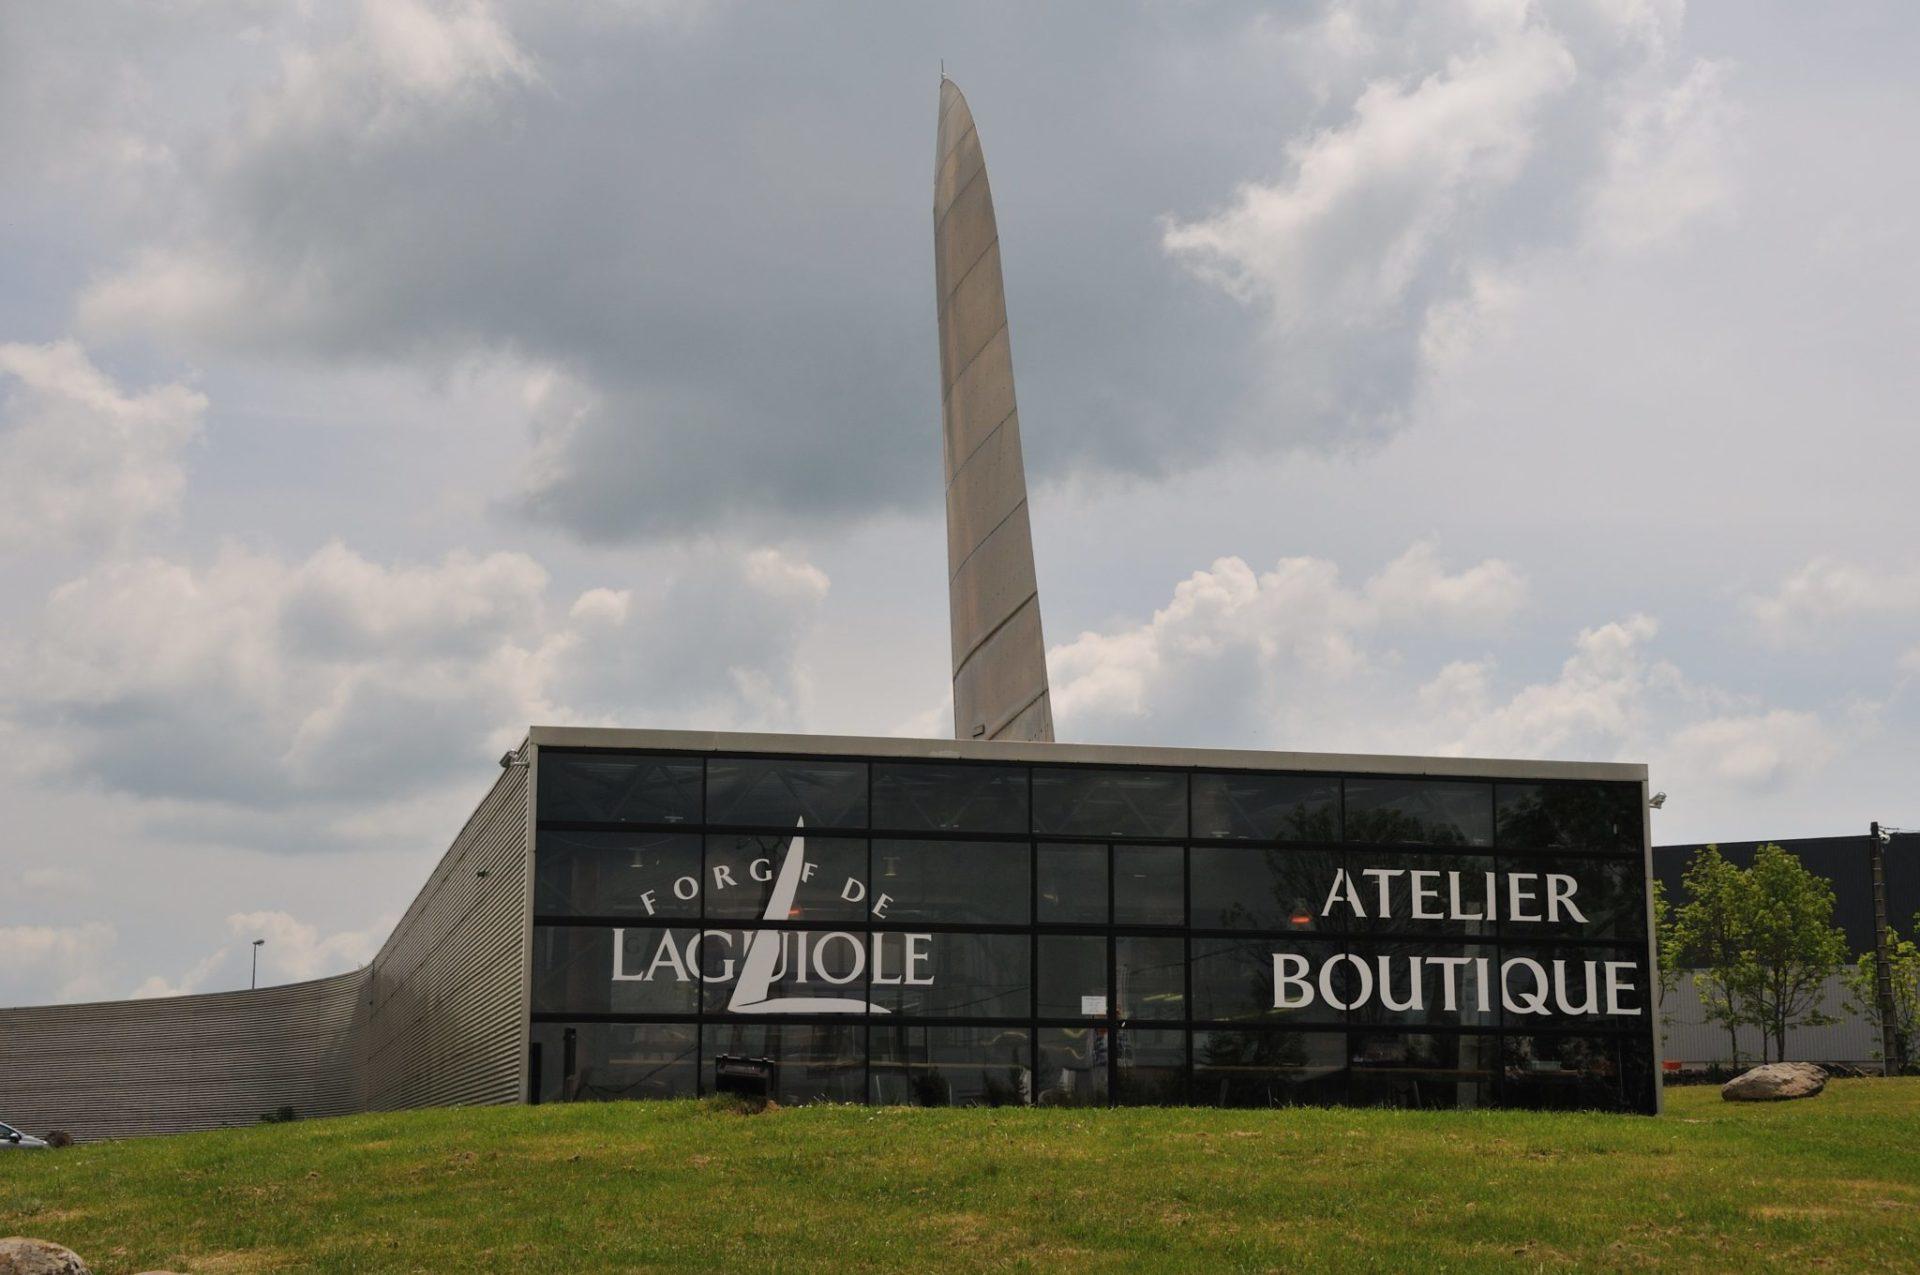 visite-atelier-forge-de-laguiole-aveyron